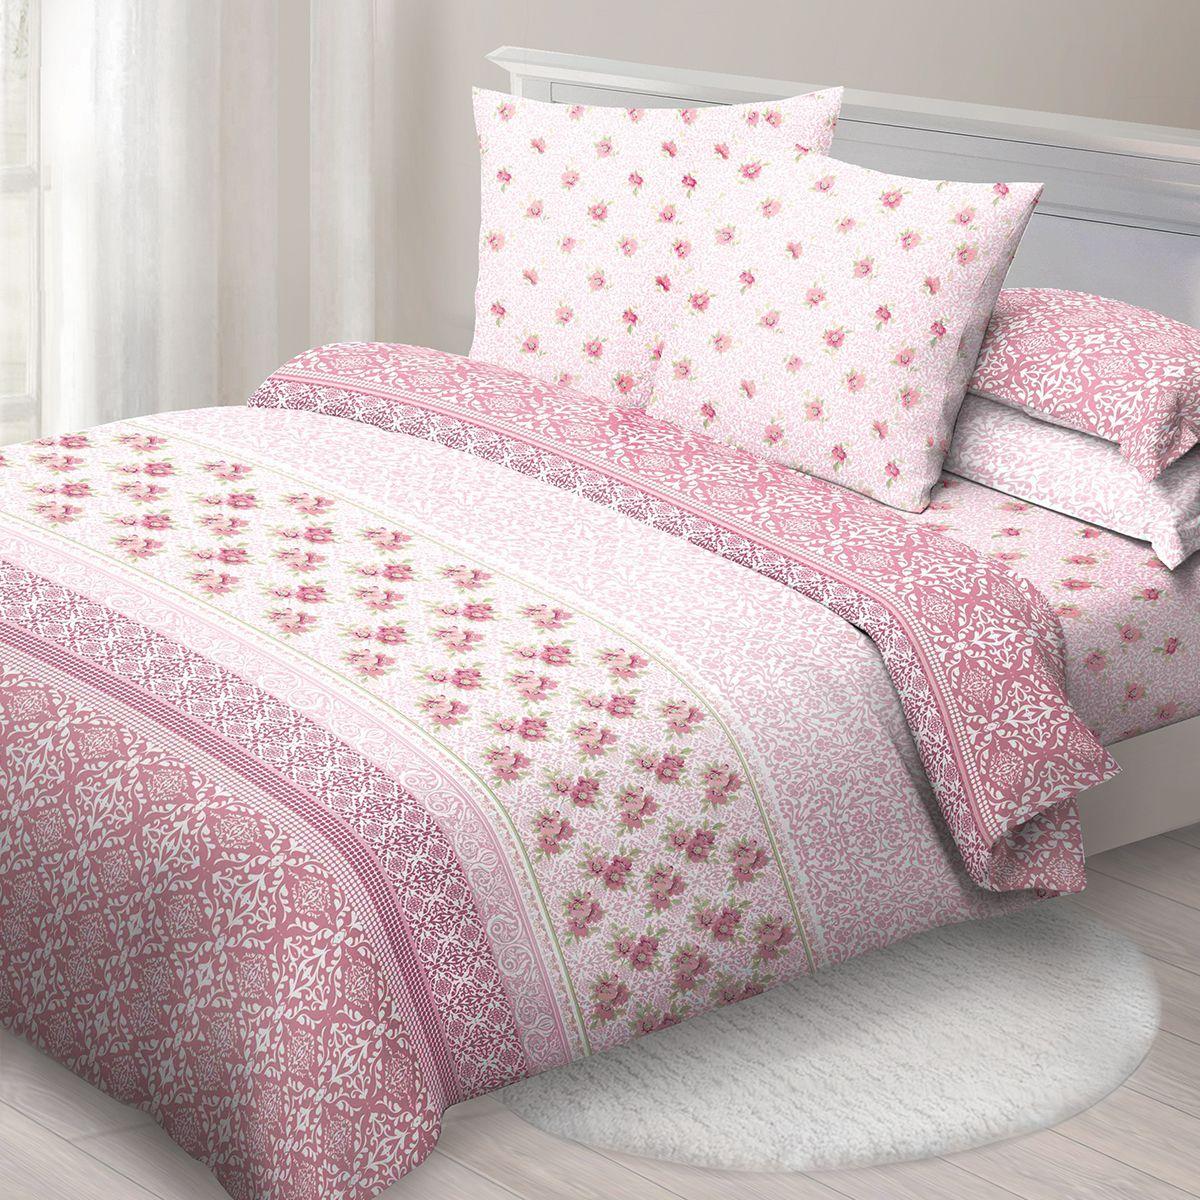 Комплект белья Спал Спалыч Нежное утро, 2-спальное, наволочки 70x70, цвет: розовый90901Спал Спалыч - недорогое, но качественное постельное белье из белорусской бязи. Актуальные дизайны, авторская упаковка в сочетании с качественными материалами и приемлемой ценой - залог успеха Спал Спалыча! В ассортименте широкая линейка домашнего текстиля для всей семьи - современные дизайны современному покупателю! Ткань обработана по технологии PERFECT WAY - благодаря чему, она становится более гладкой и шелковистой. • Бязь Барановичи 100% хлопок • Плотность ткани - 125 гр/кв.м.